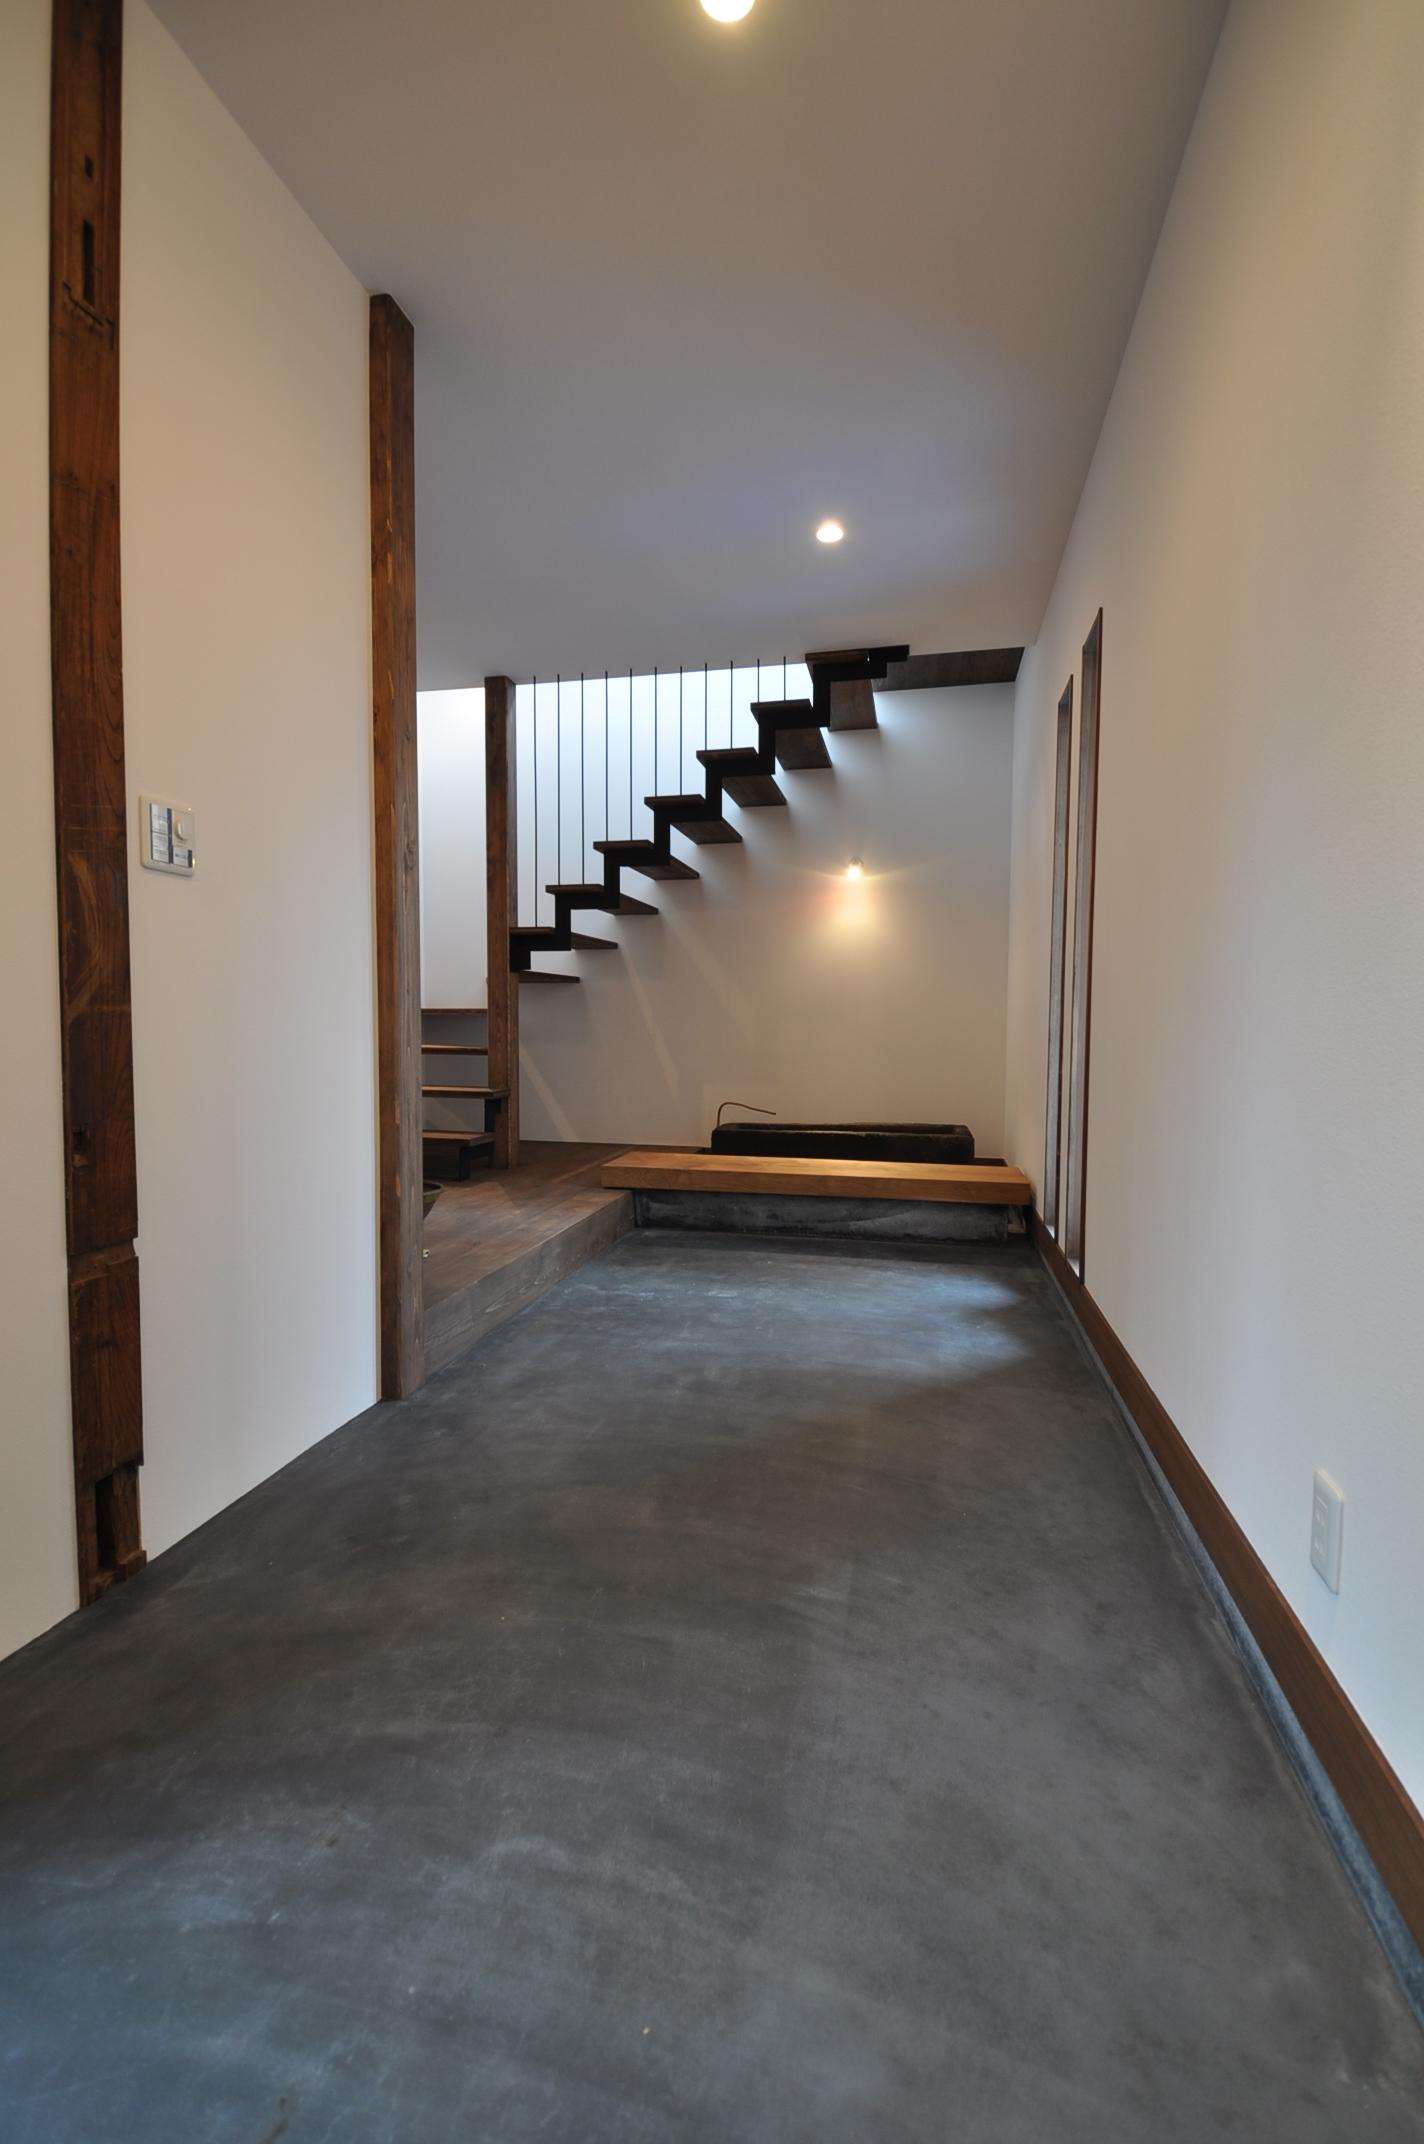 加藤忠男(加藤建築)【デザイン住宅、建築家、インテリア】玄関ドアを開けるとあらわれる広い土間は用途を限定しないフリースペースに。お気に入りの家具や絵画を飾ったりと想像が膨らむ